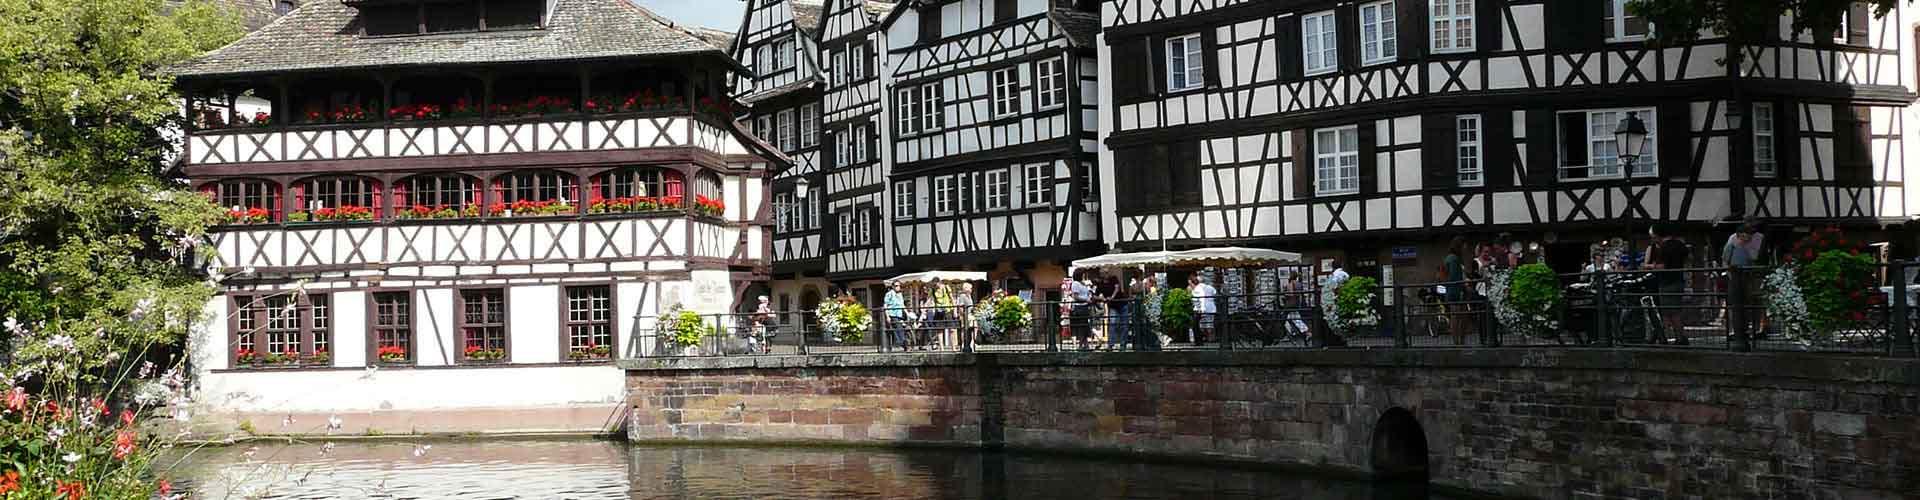 Strasbourg - Hôtels dans le quartier de Quartiers Centraux. Cartes pour Strasbourg, photos et commentaires pour chaque hôtel à Strasbourg.